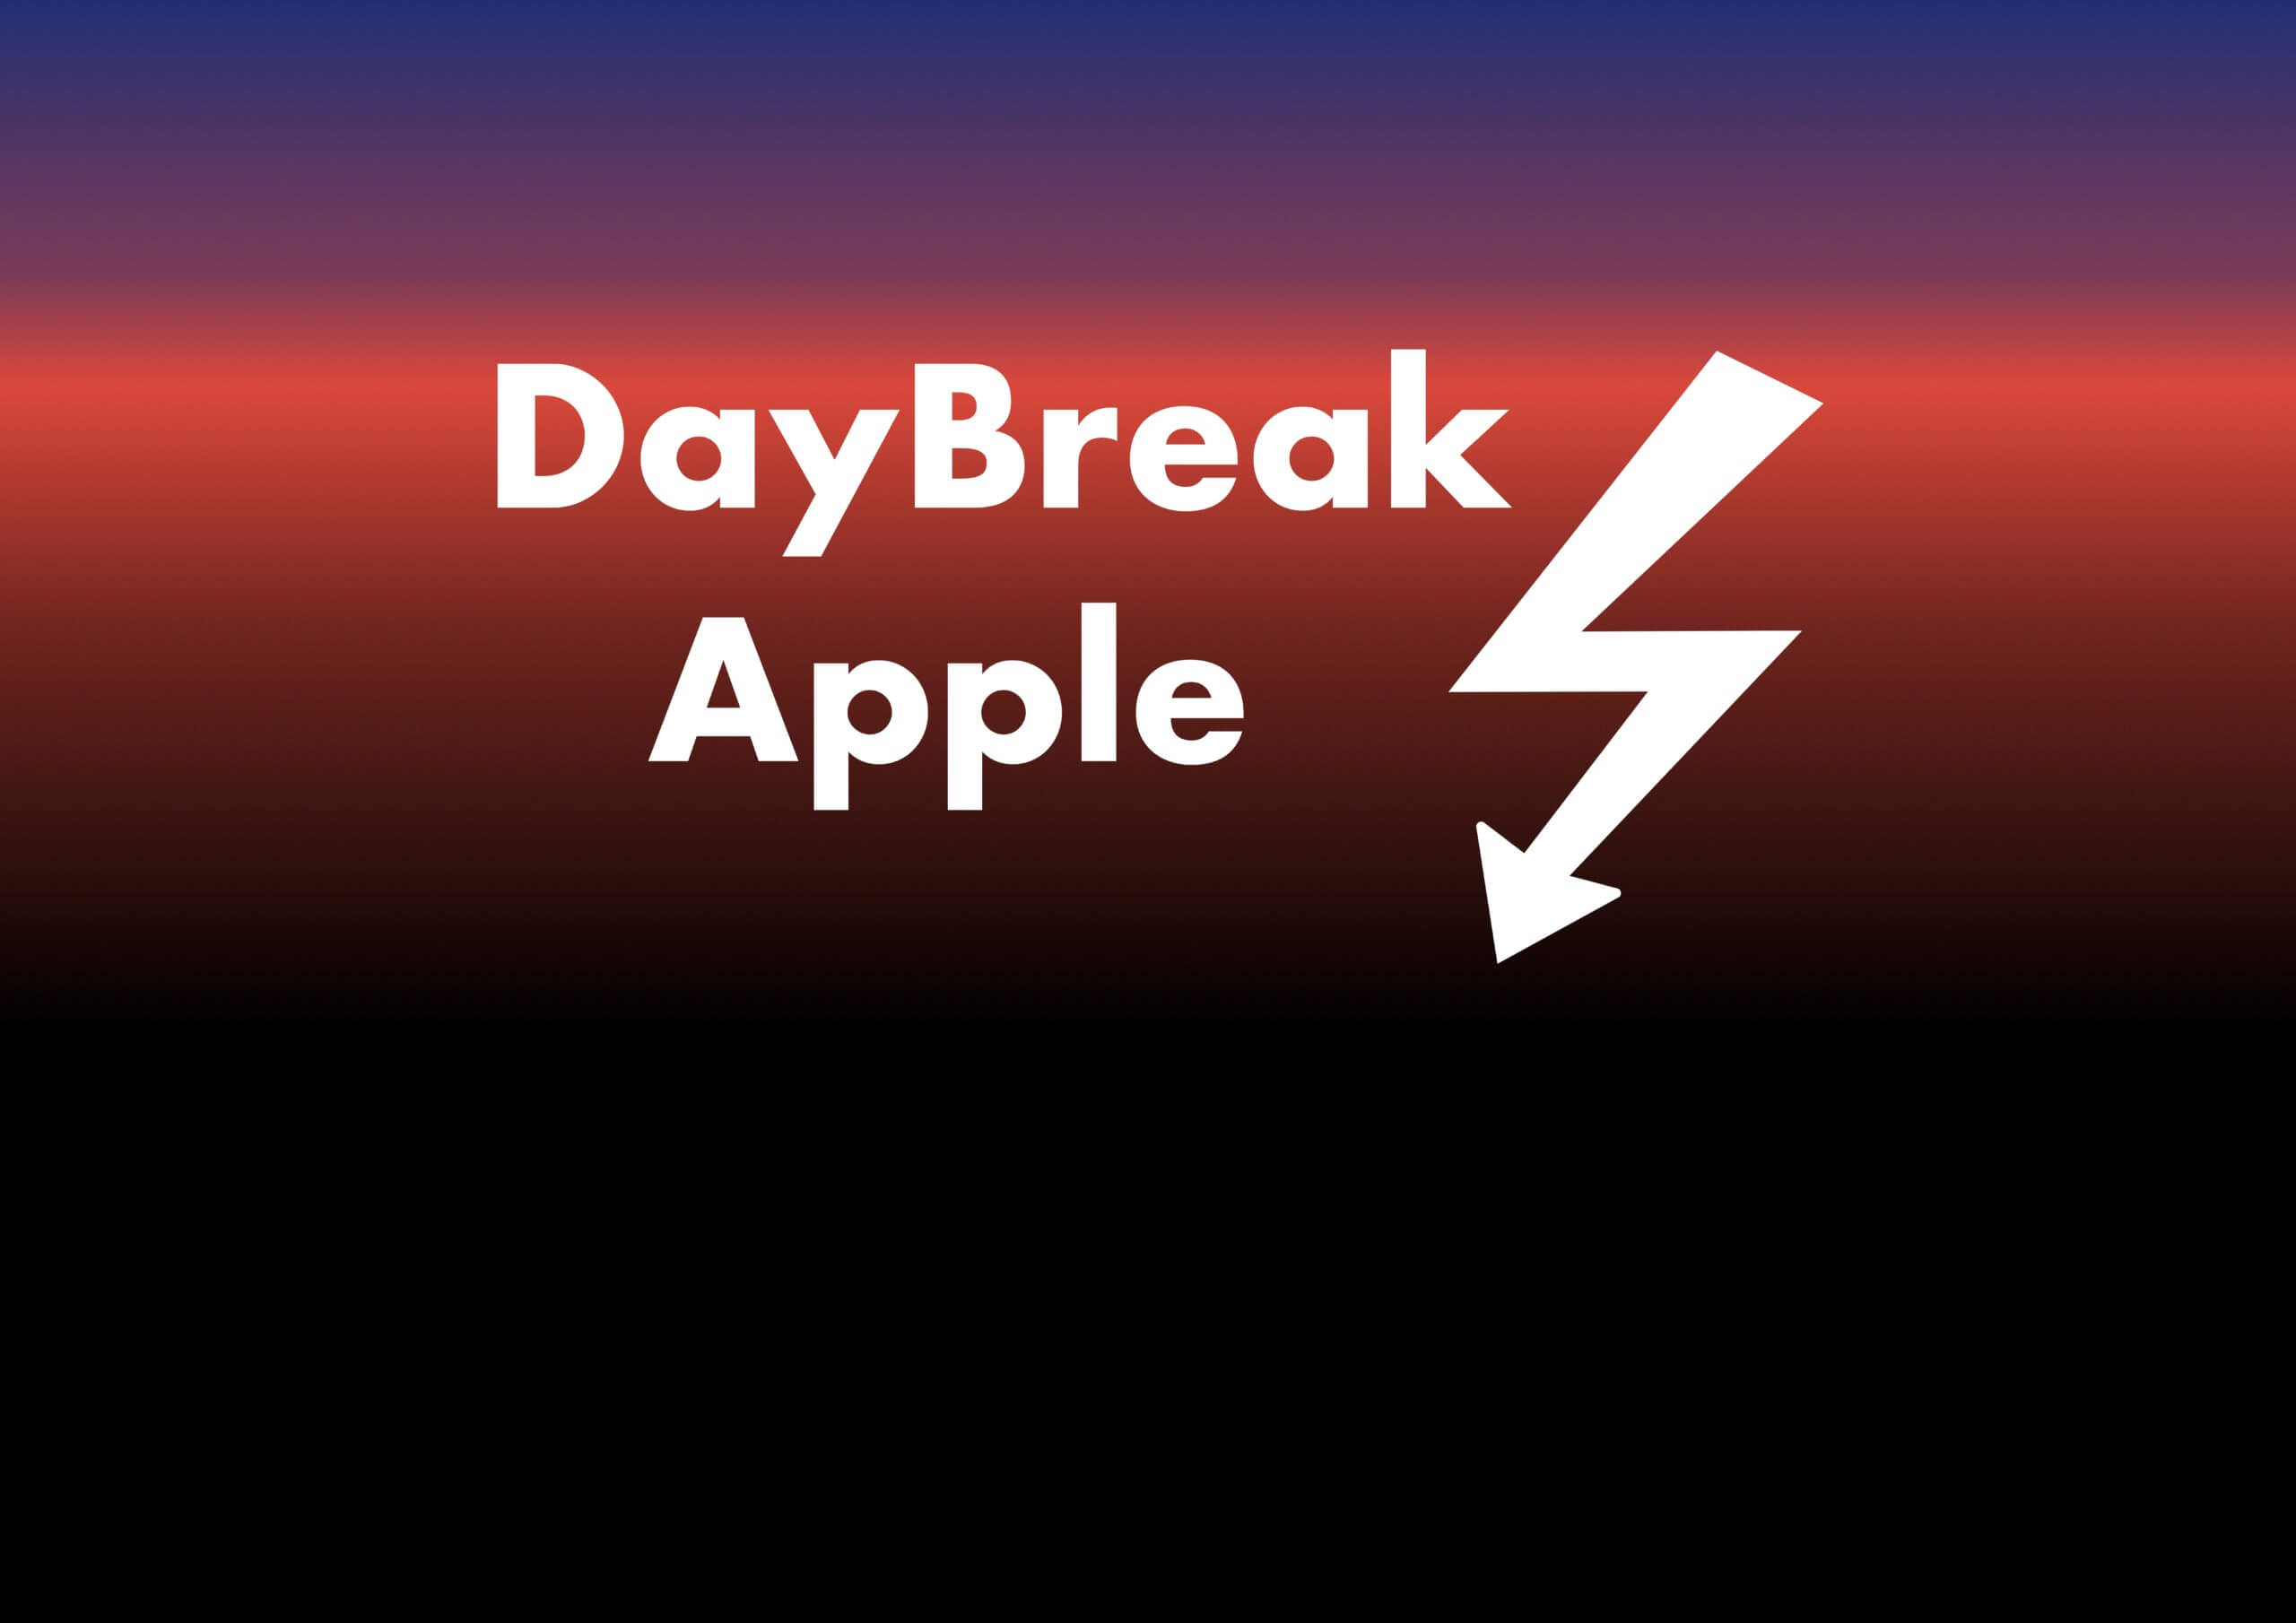 iPhone 12 ärgert mit kleinem Akku und 5G | iOS 14 ärgert durch Vergesslichkeit | der große Lauschangriff 4.0 – Daybreak Apple